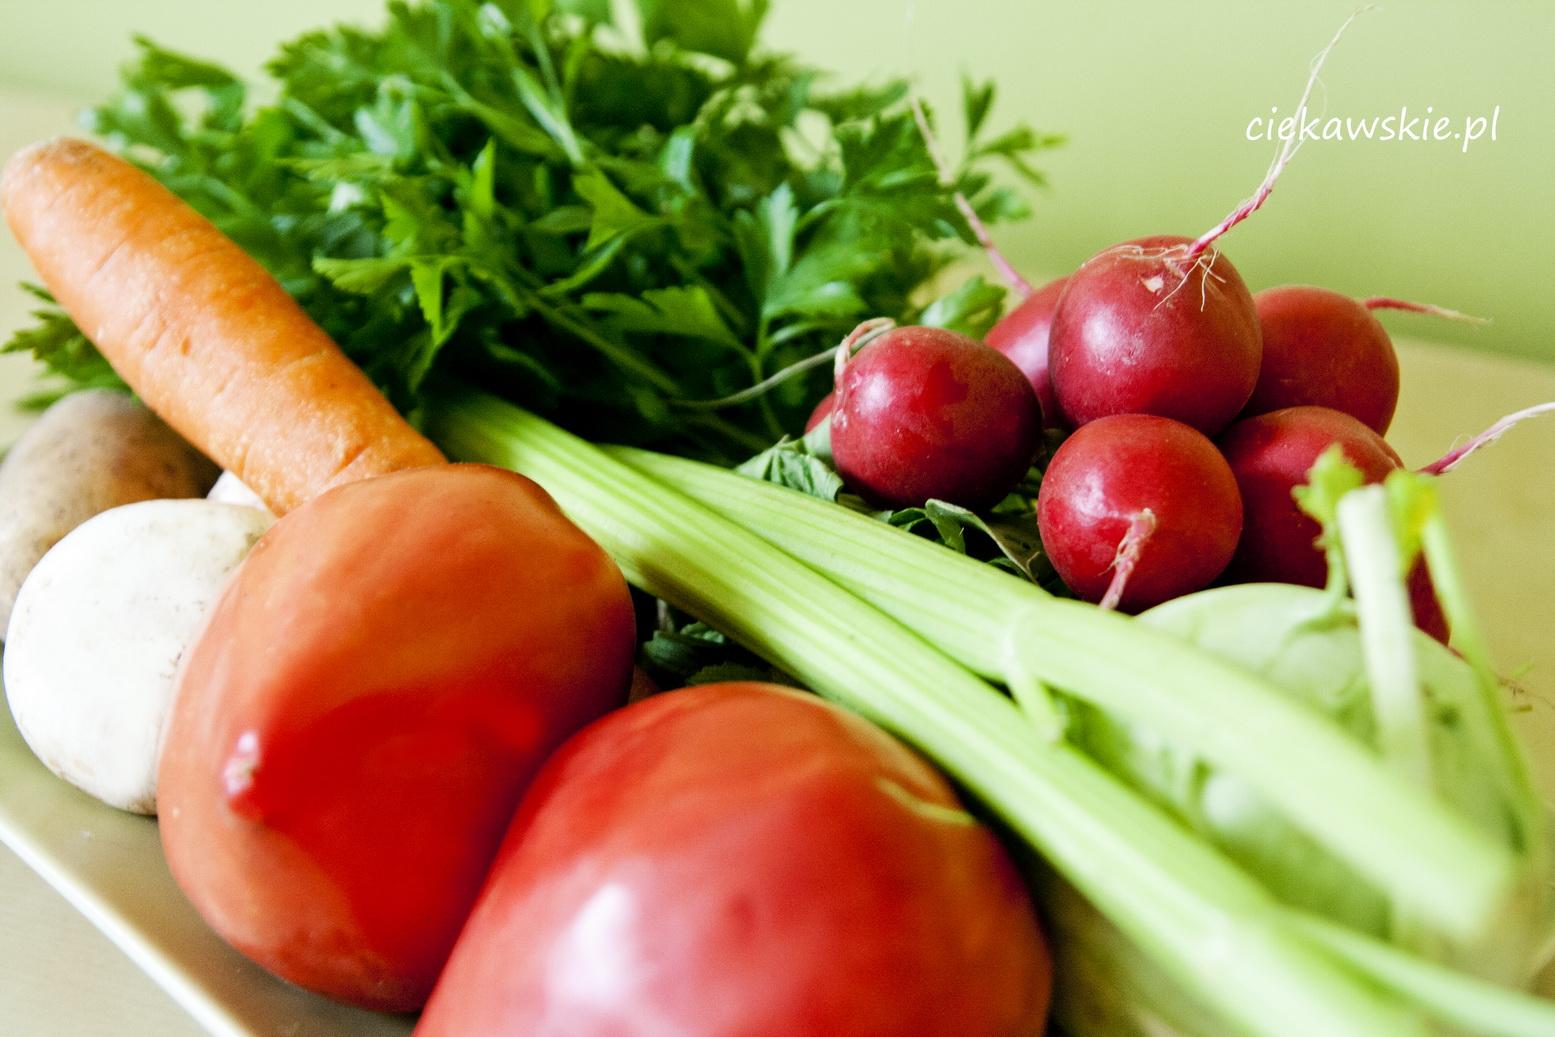 warzywa 1_resize